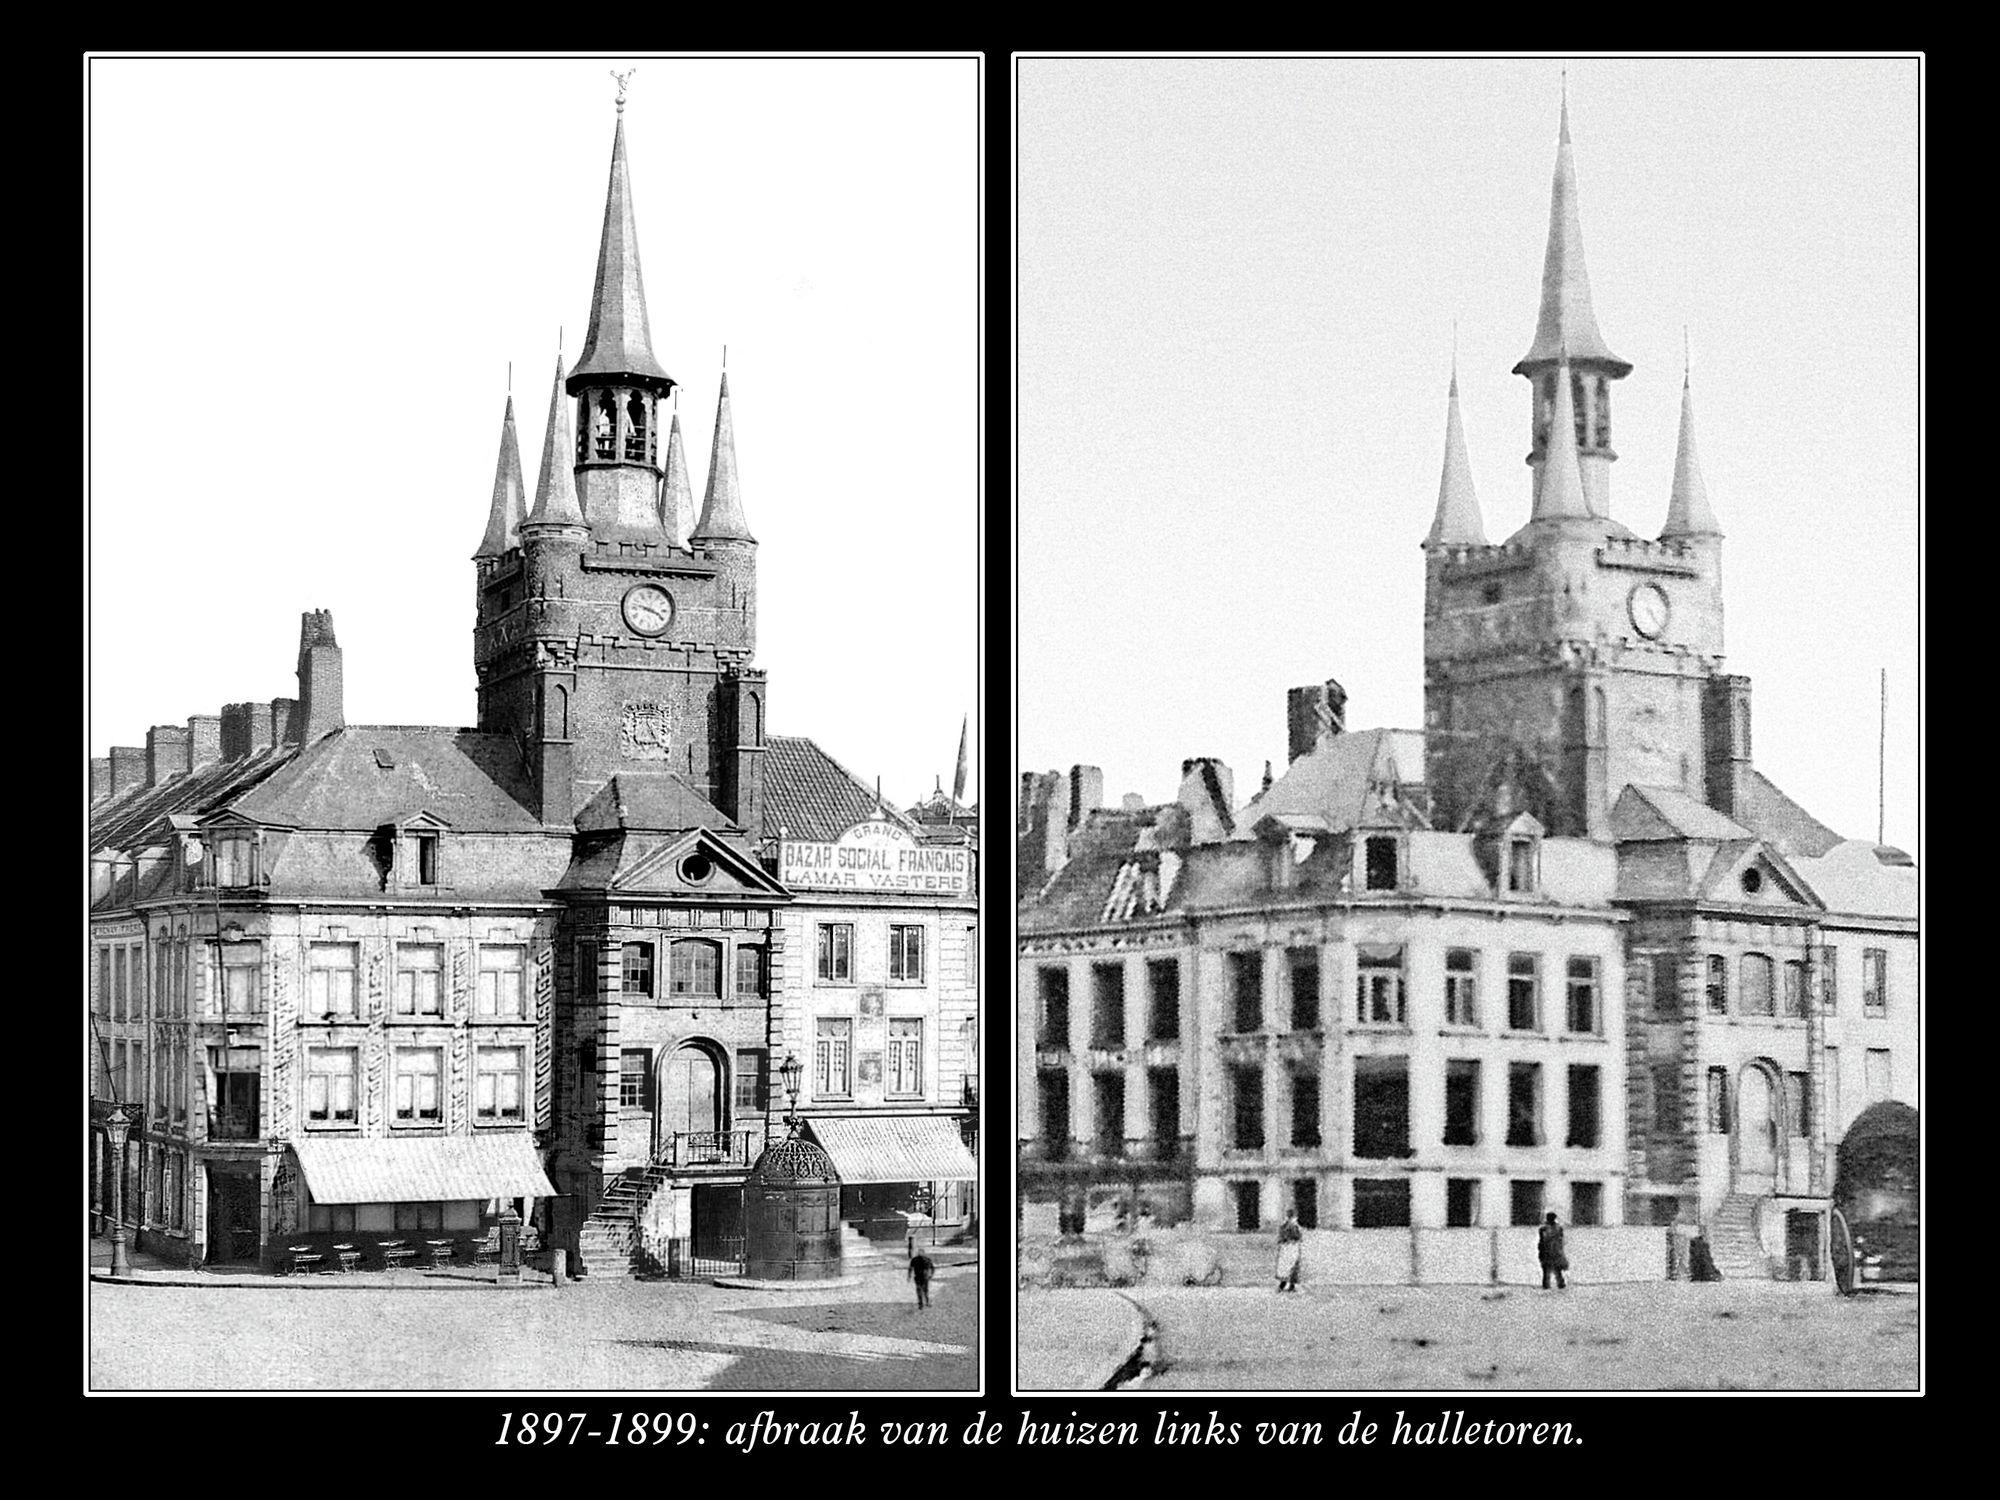 Begin afbraak huizen Halletoren 1897-1899